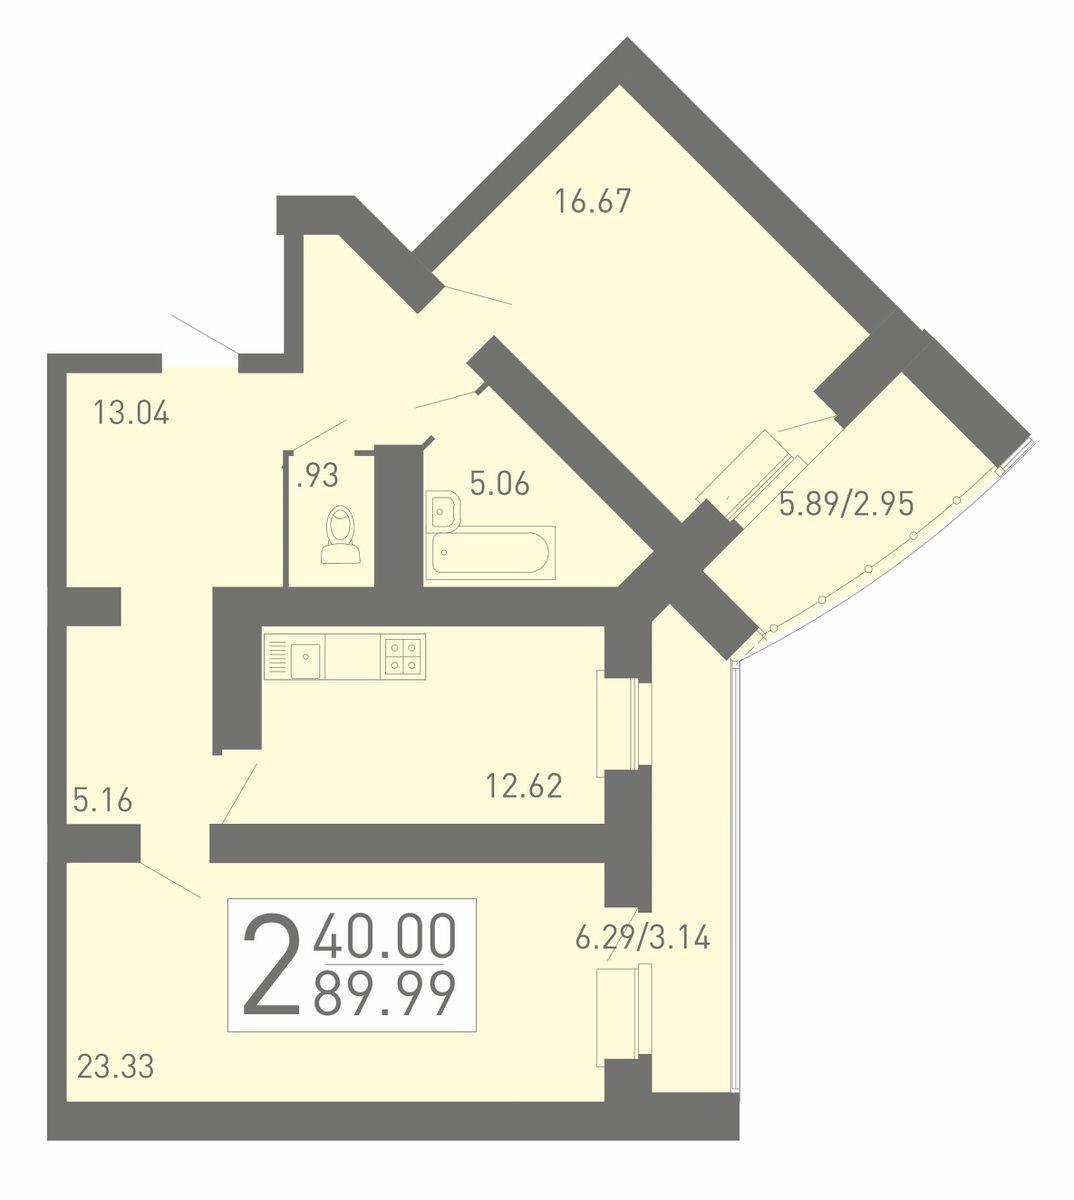 2-комнатная квартира 89.99 м² с двумя лоджиями и раздельным санузлом